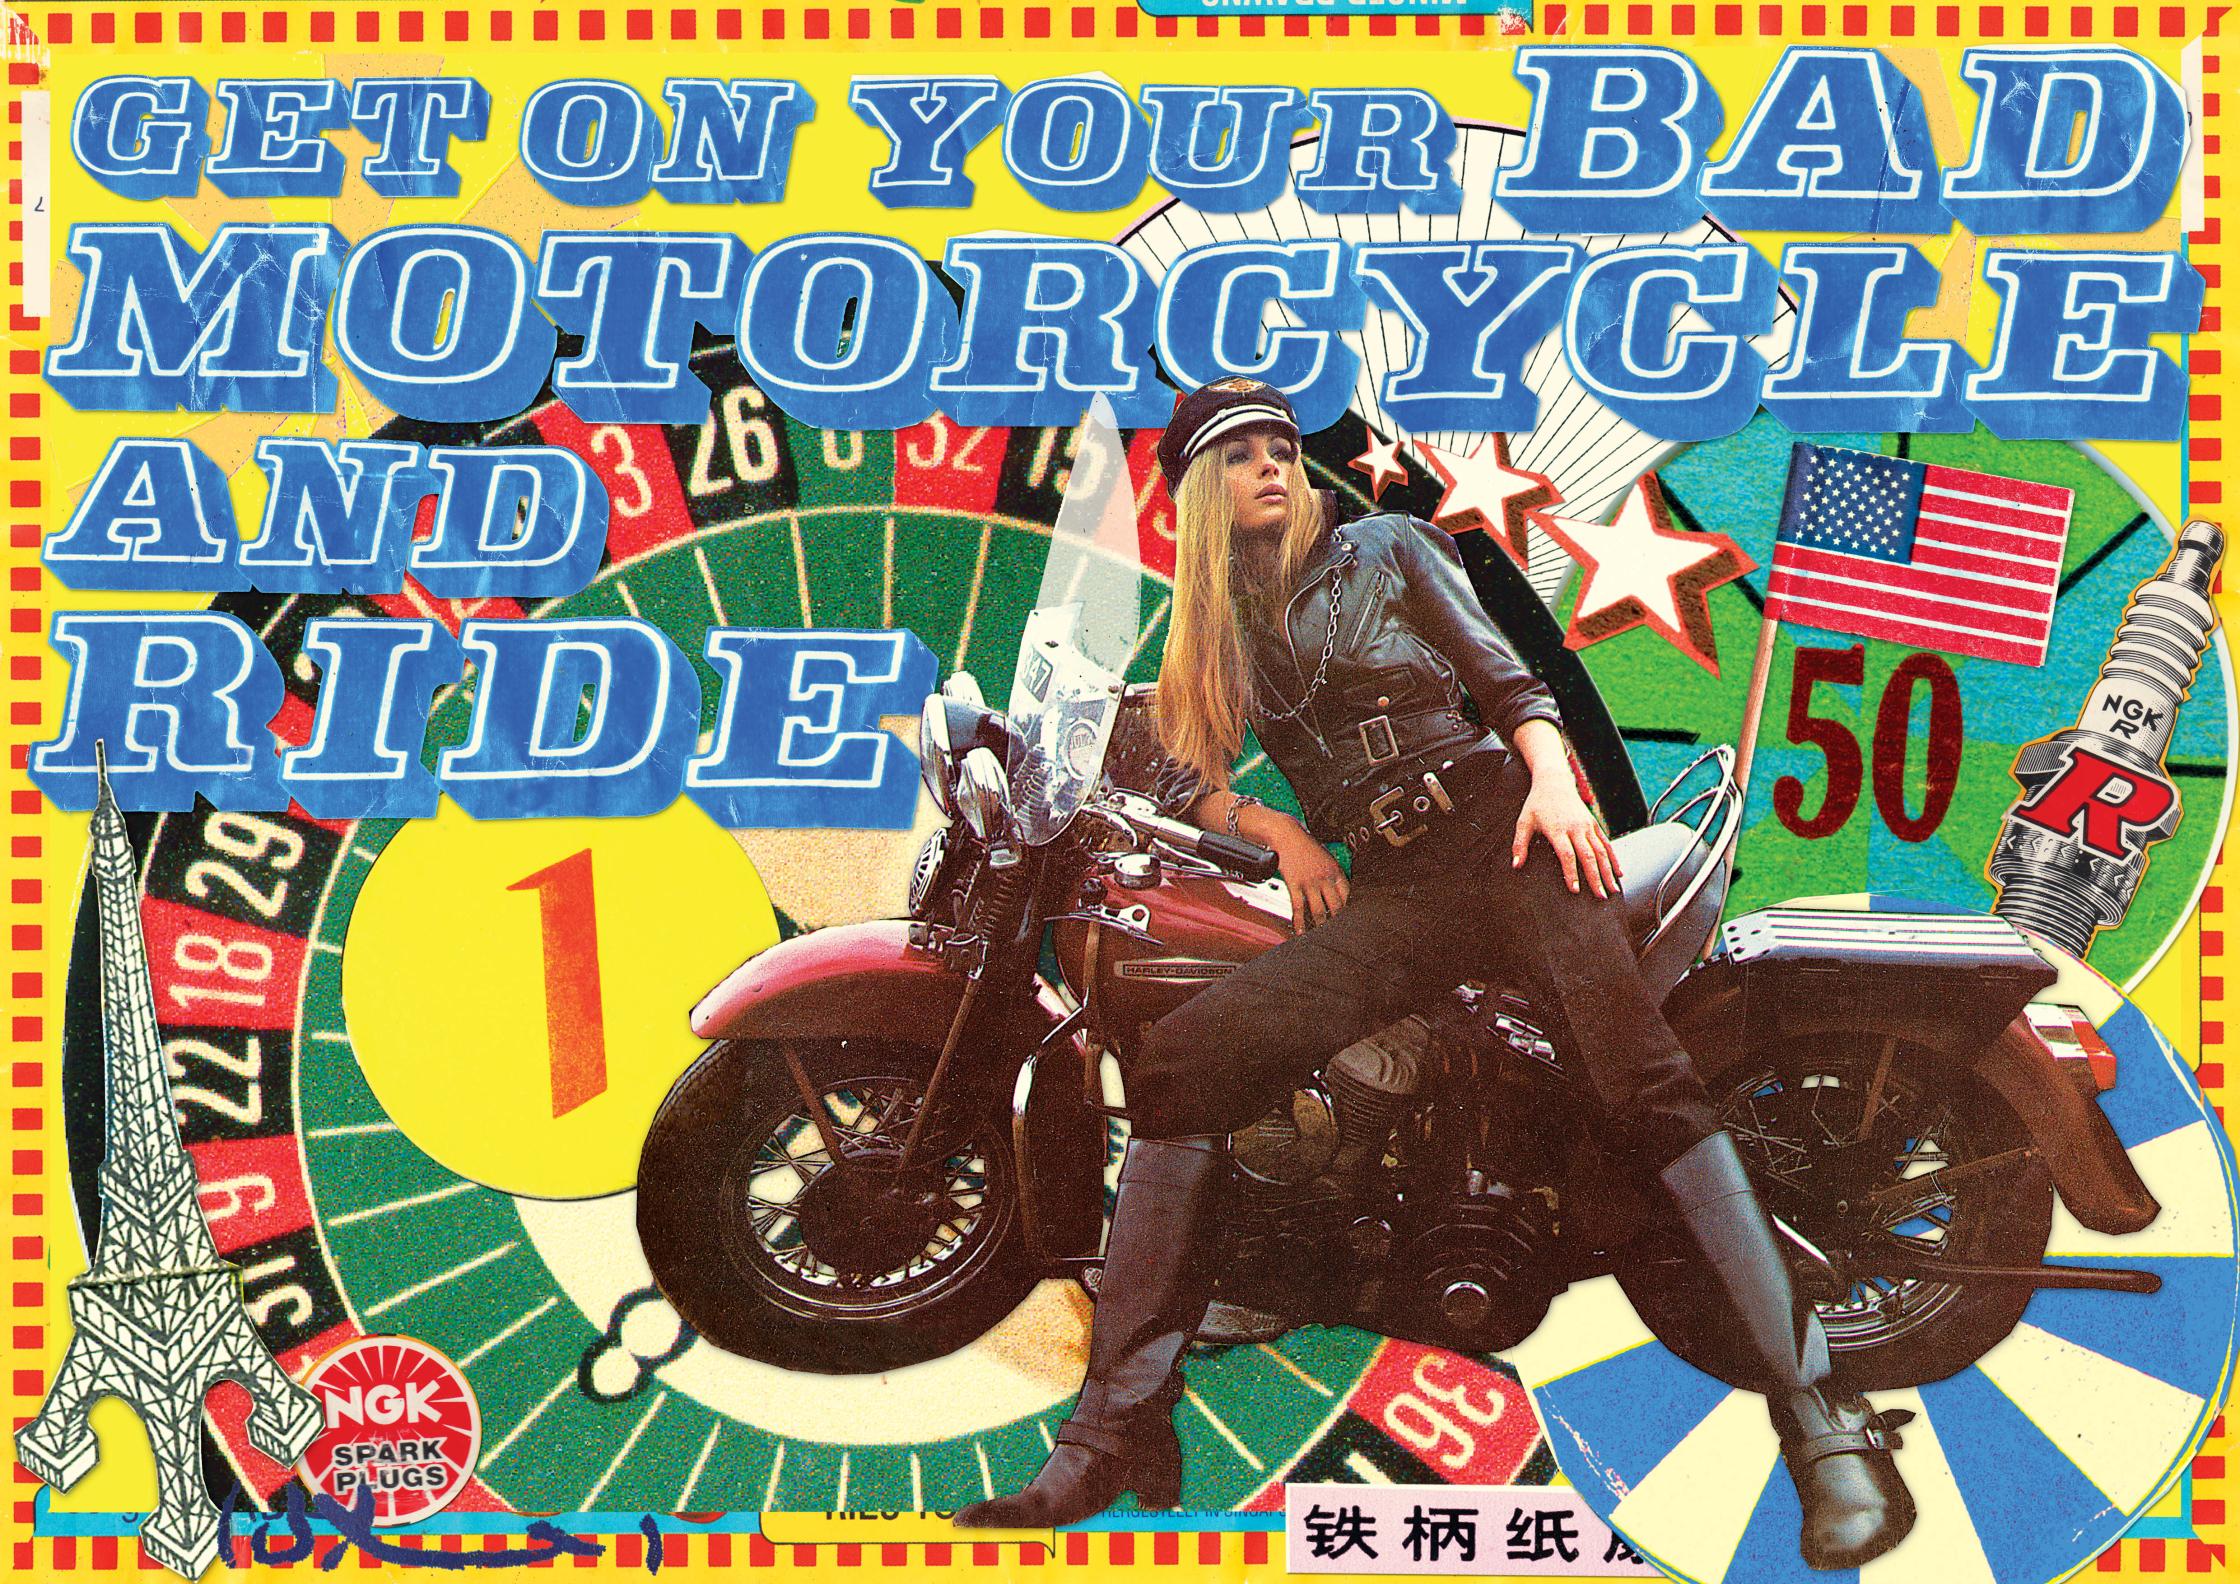 bad motorcycle web.jpg